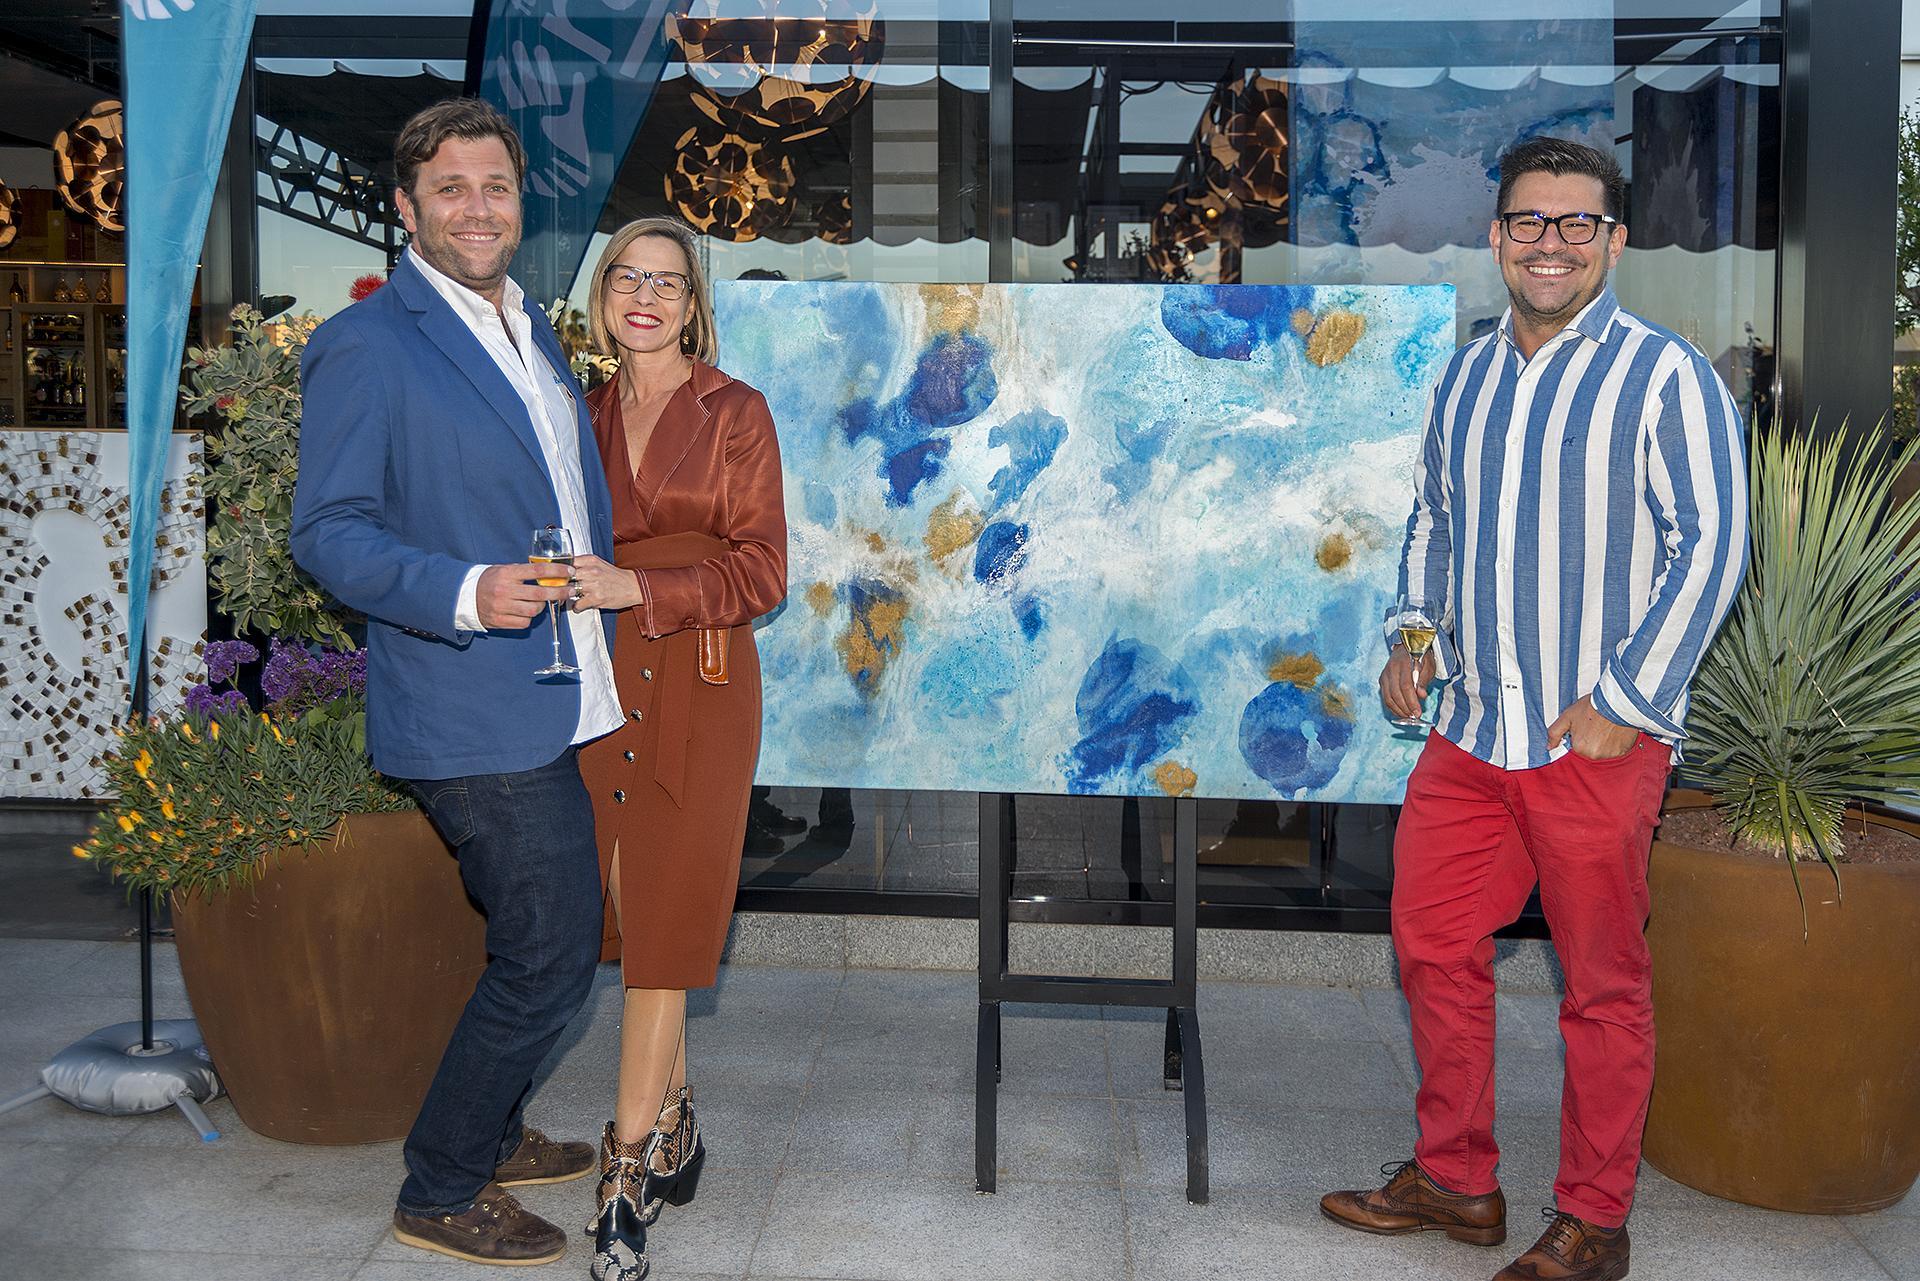 El pasado jueves 9 de mayo, en el Restaurante Schwaiger Xino`s se celebró la IV edición de SchwaigArt, una noche en la que la artista mallorquina Estefanía Pomar Aloy presentaba sus últimas obras de Algae.